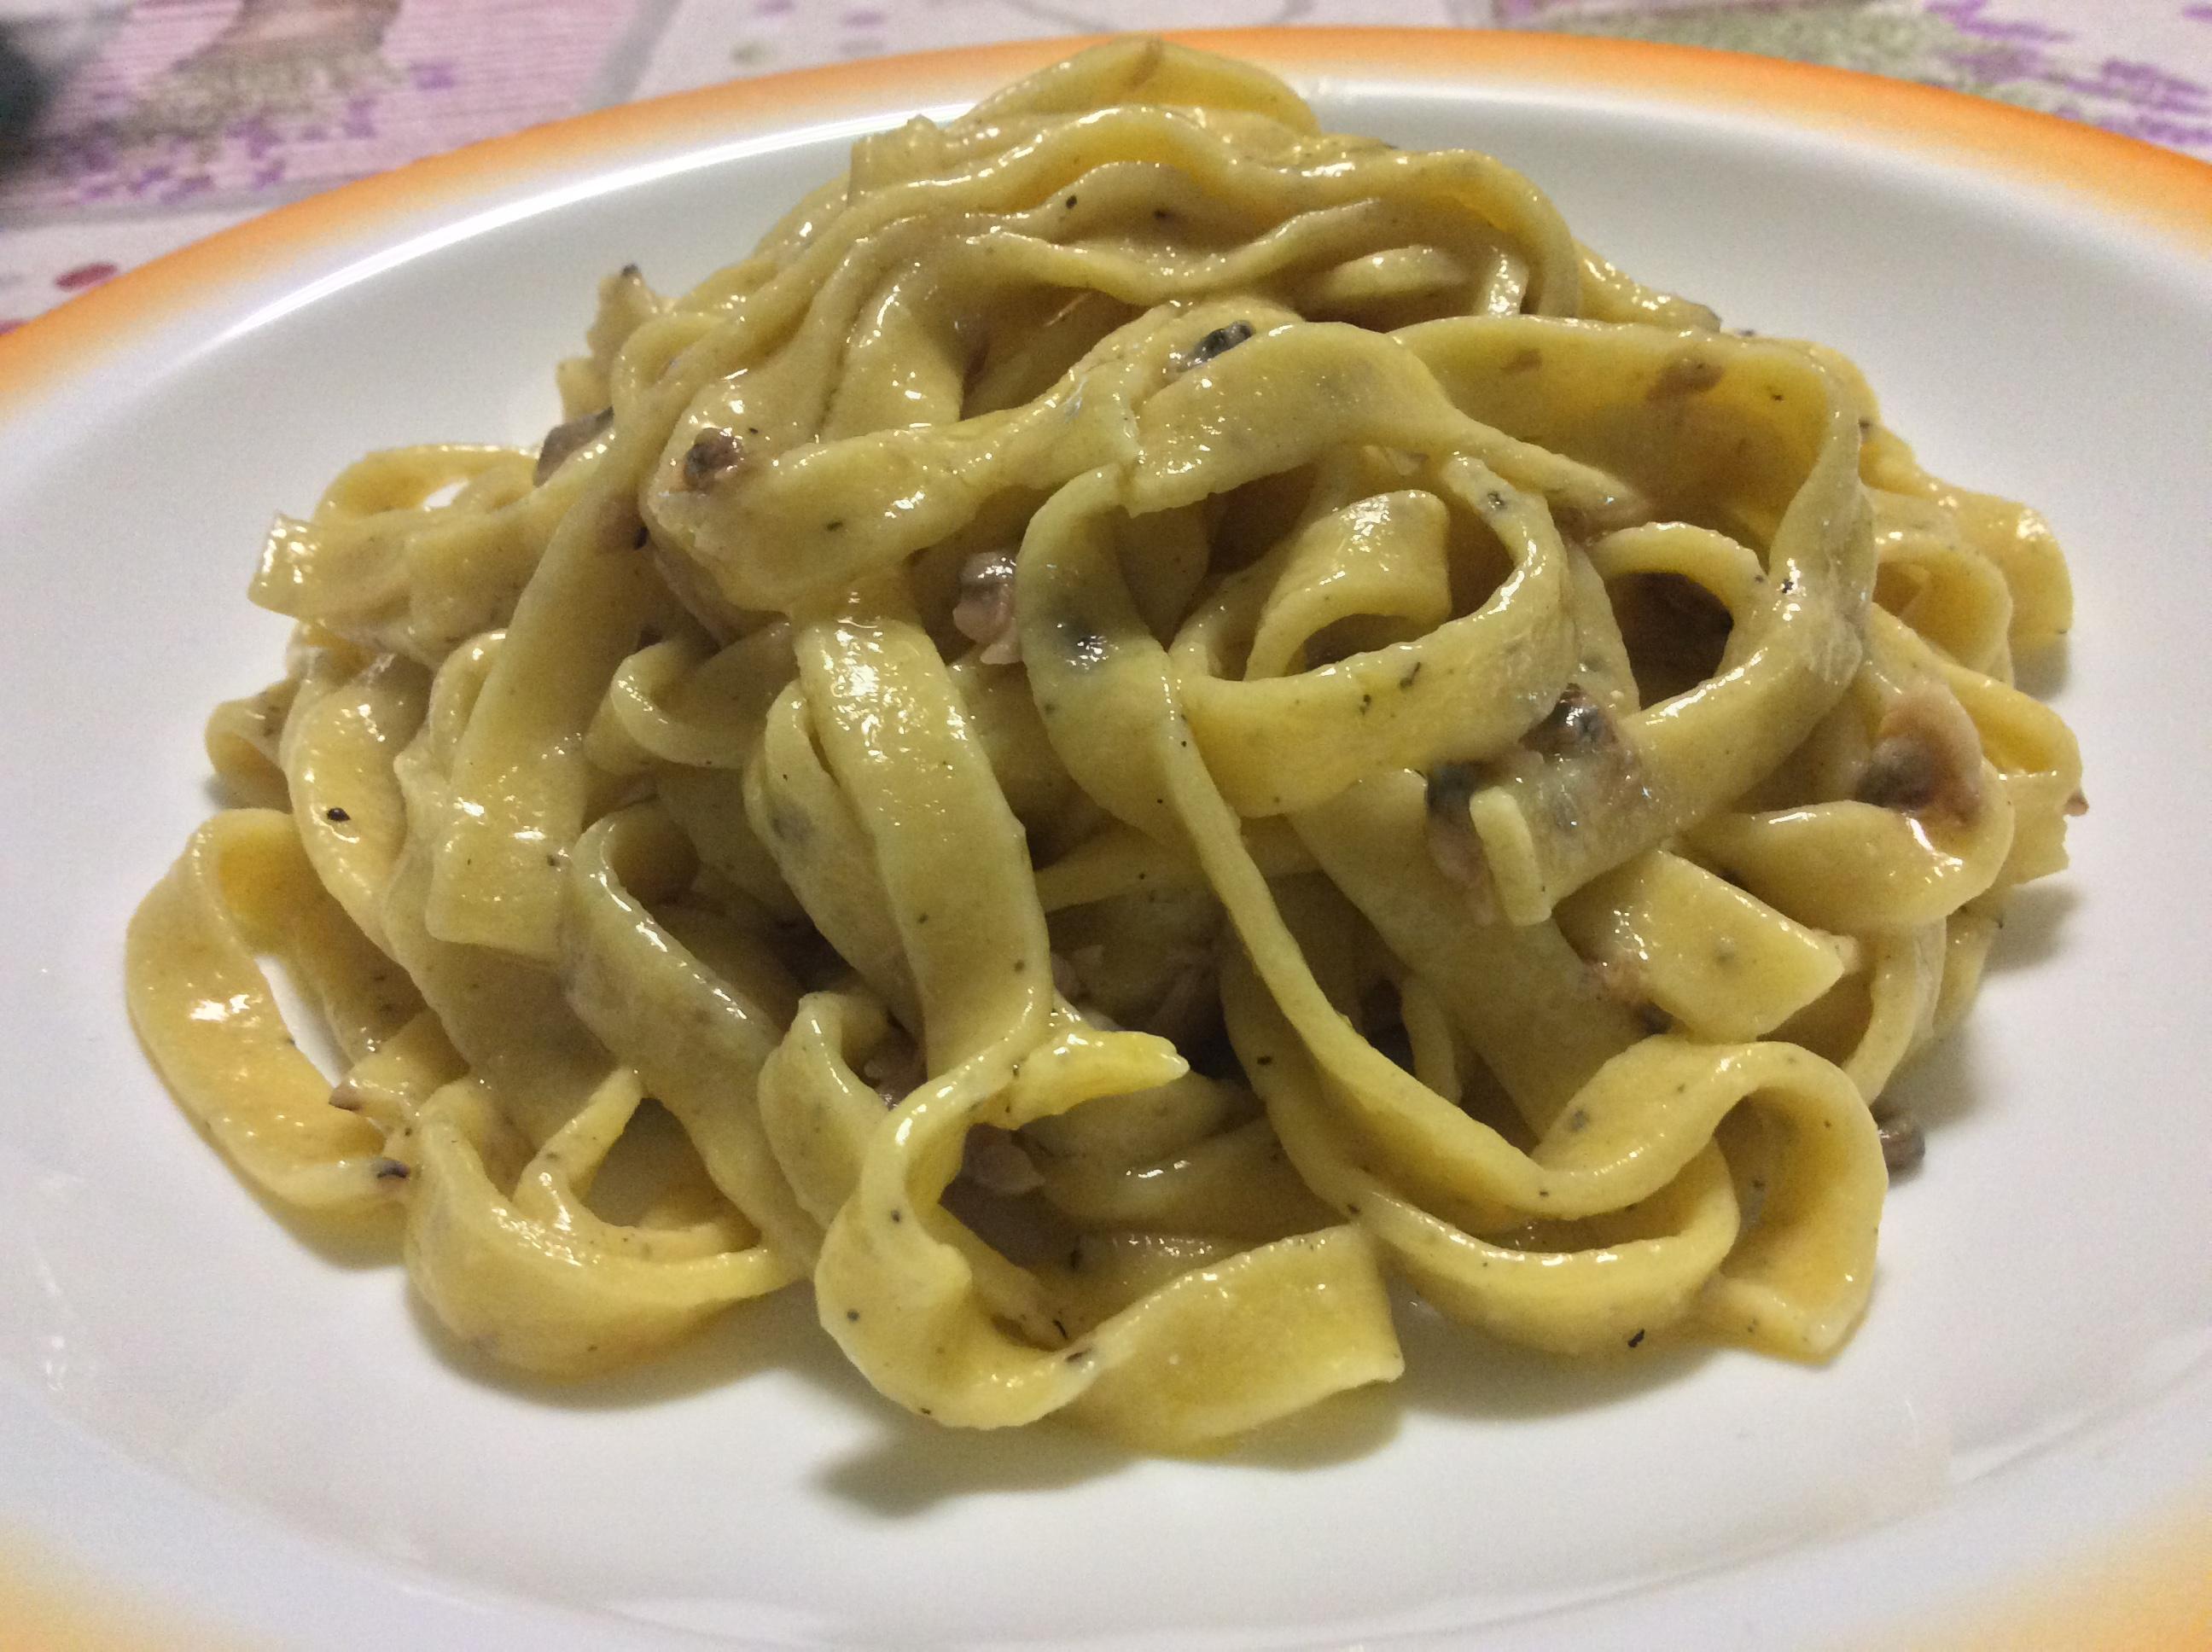 TAGLIATELLE CACIO E PEPE ALLE VONGOLE - 蛤蜊手工扁平麵